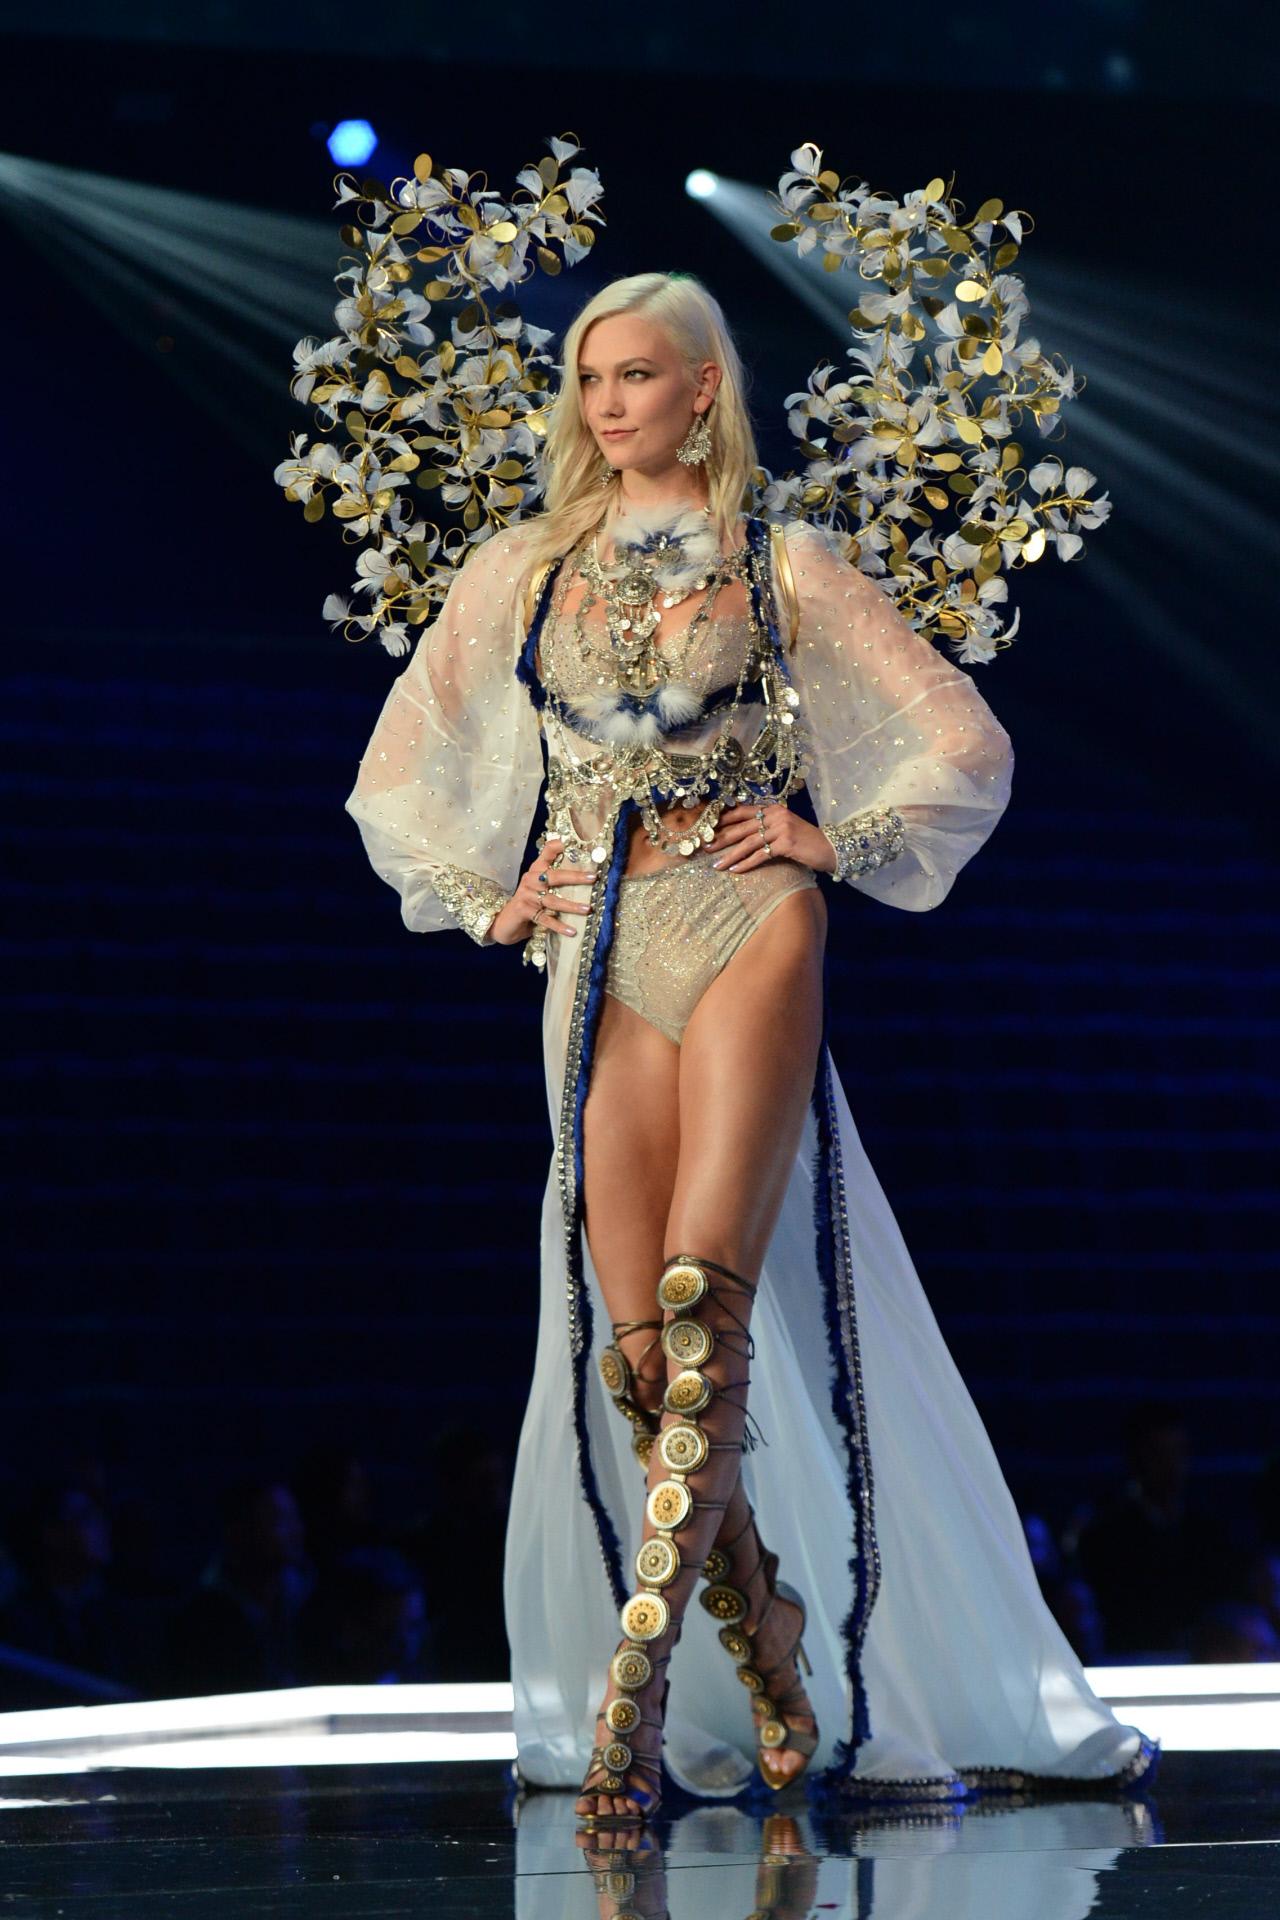 Victoria 39 S Secret Fashion Show 2017 Todas Las Im Genes Del Desfile M S Esperado Del A O Instyle